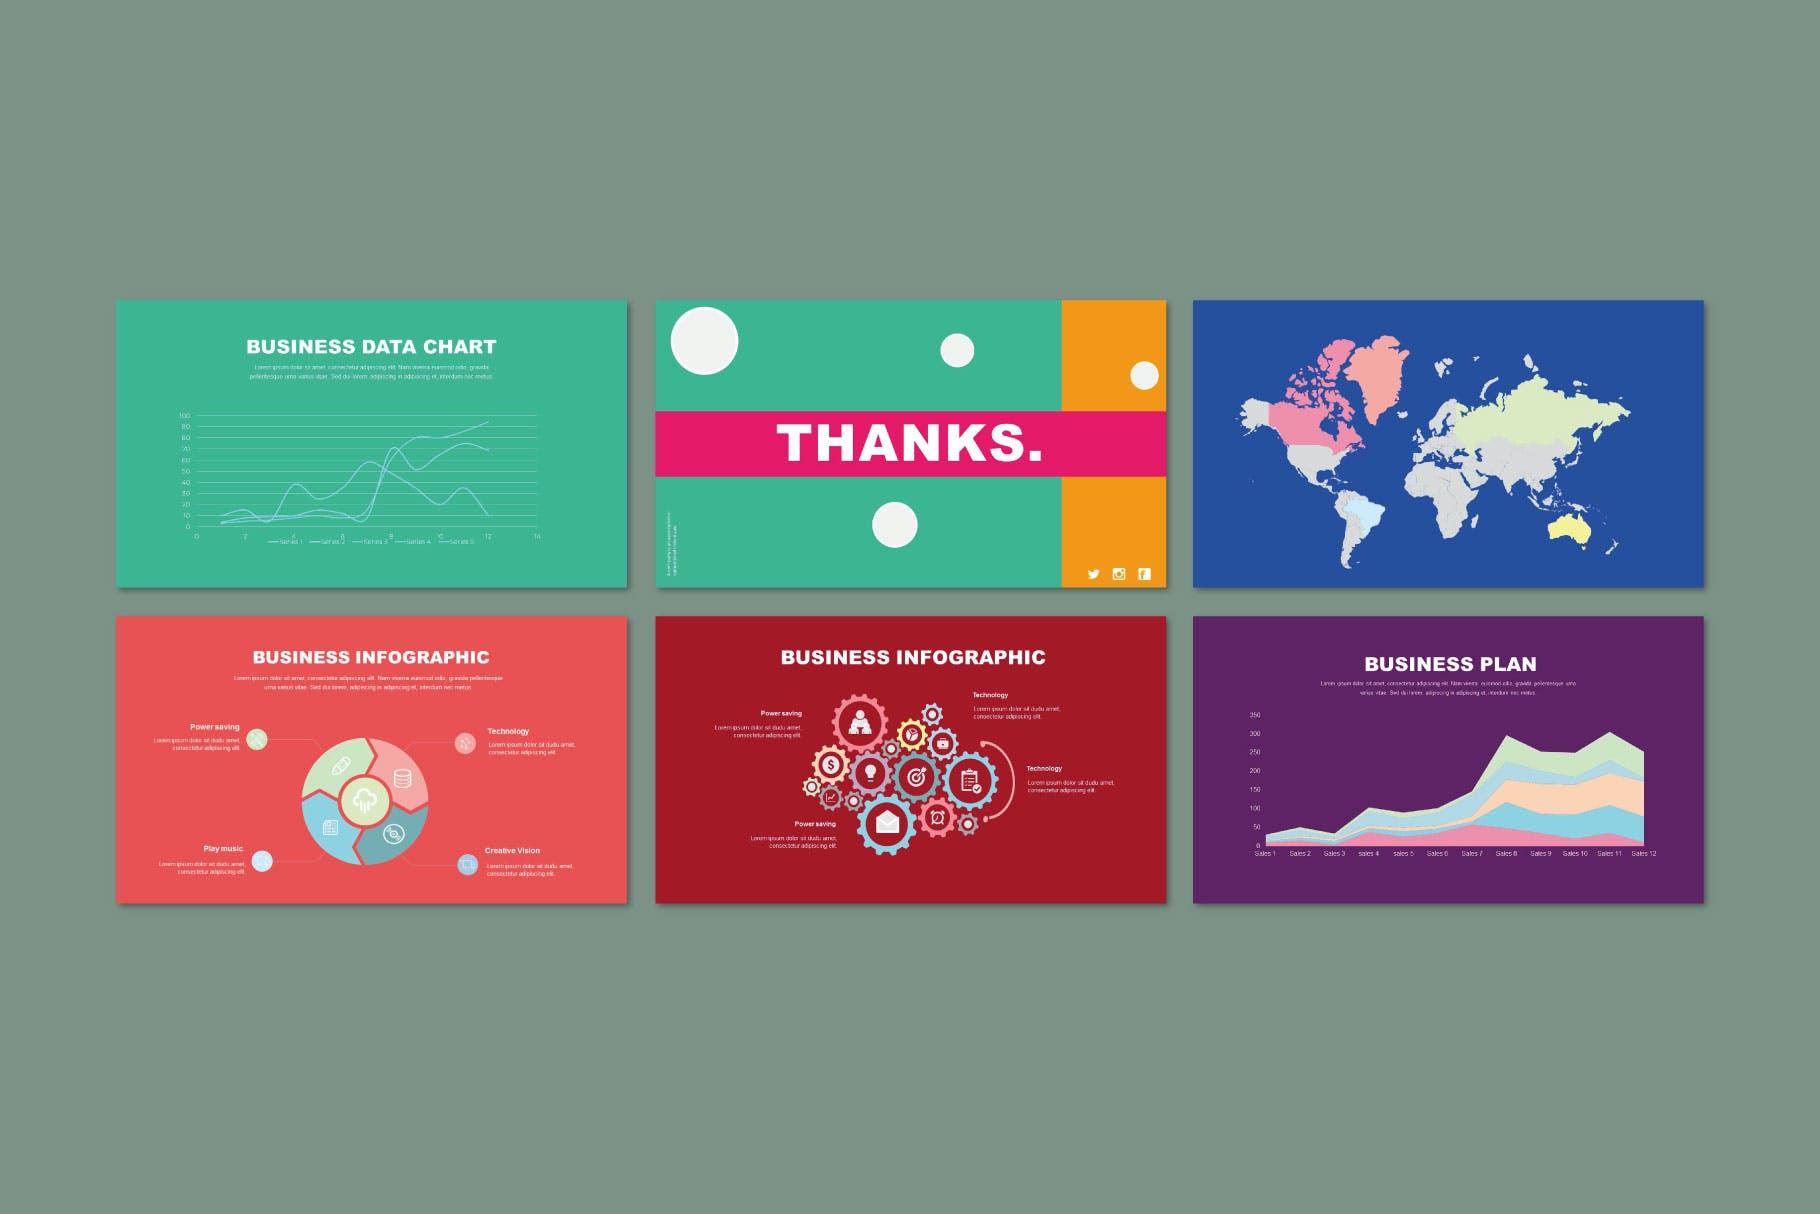 时尚多彩策划案图文排版设计演示文稿模板 Misya – Powerpoint Template插图(9)